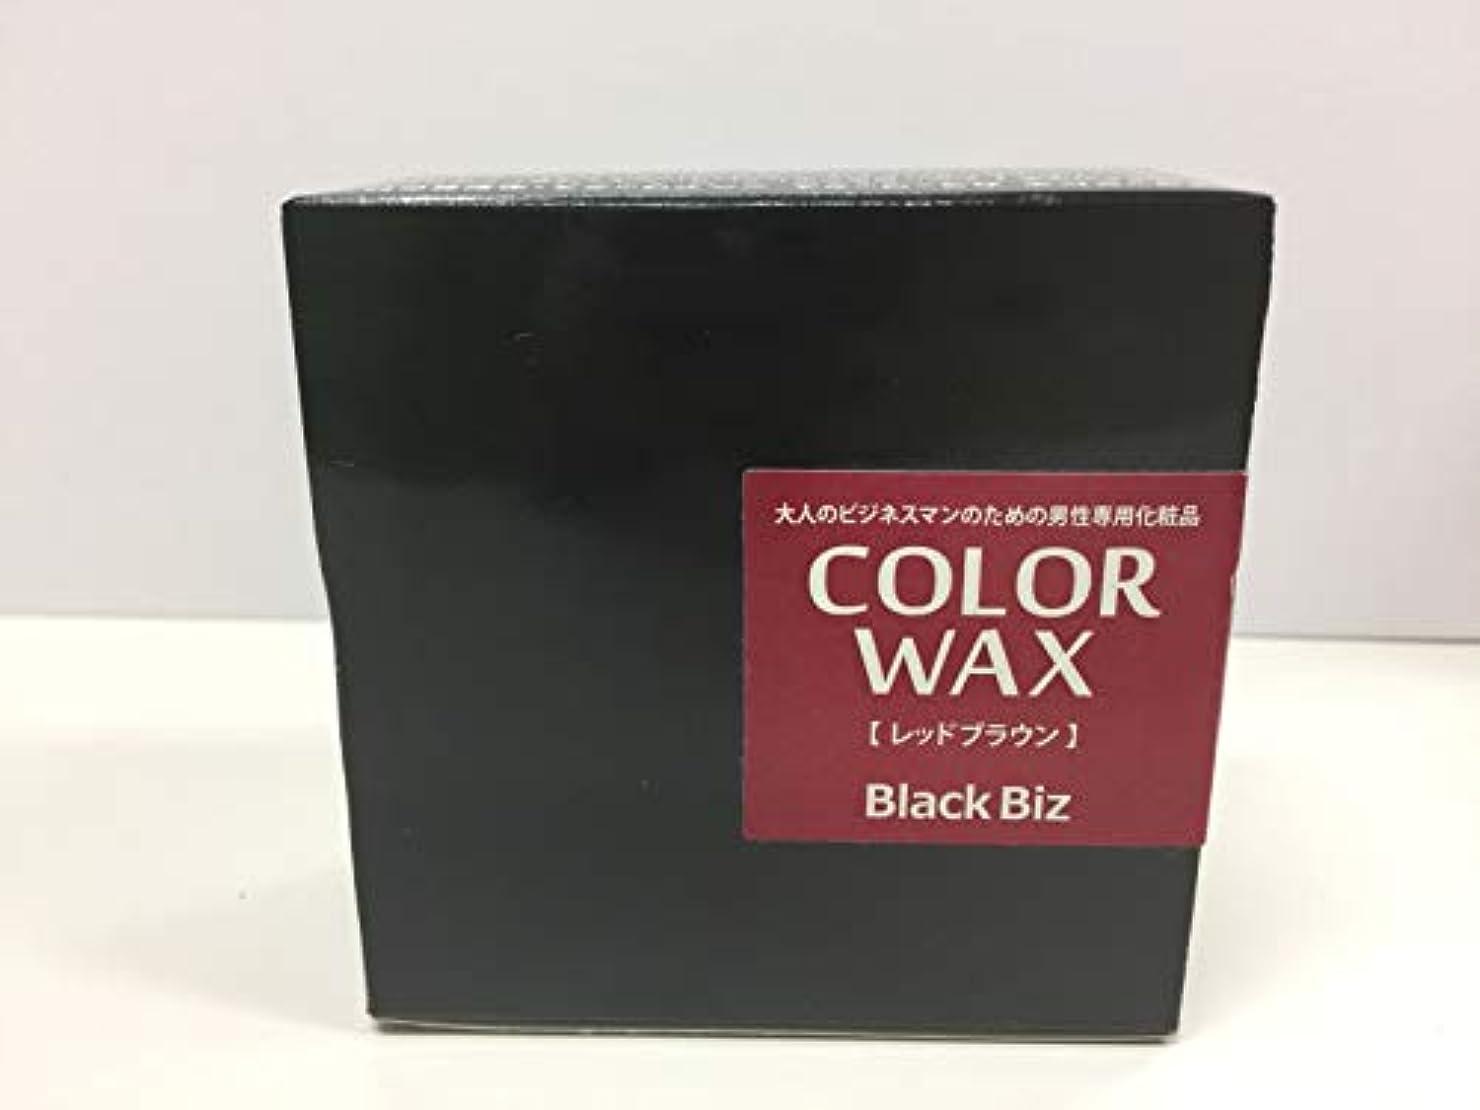 読みやすいあなたは教え大人のビジネスマンのための男性専用化粧品 BlackBiz COLOR WAX ブラックビズ カラーワックス 【レッドブラウン】